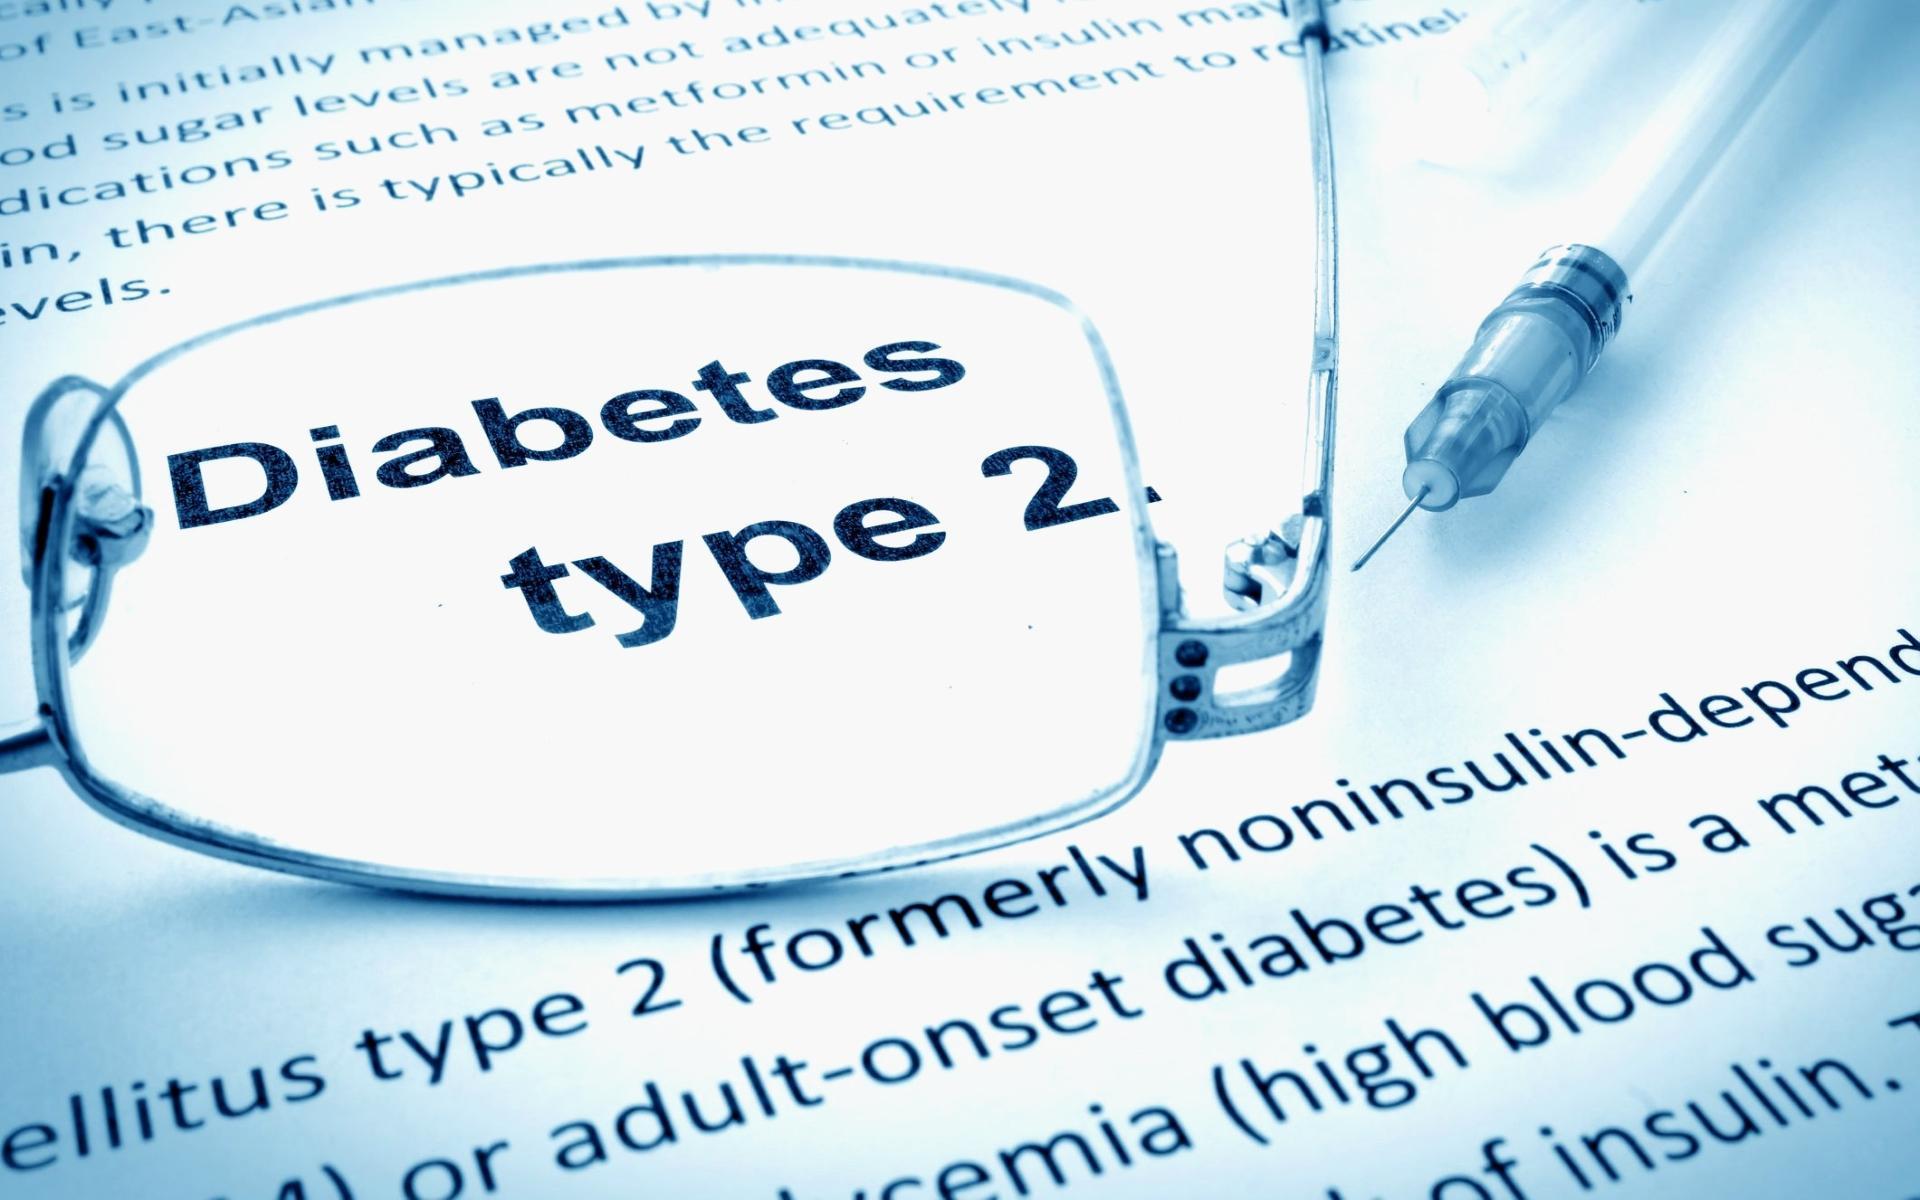 Диабет 2-го типа может начаться за 20 лет до постановки диагноза